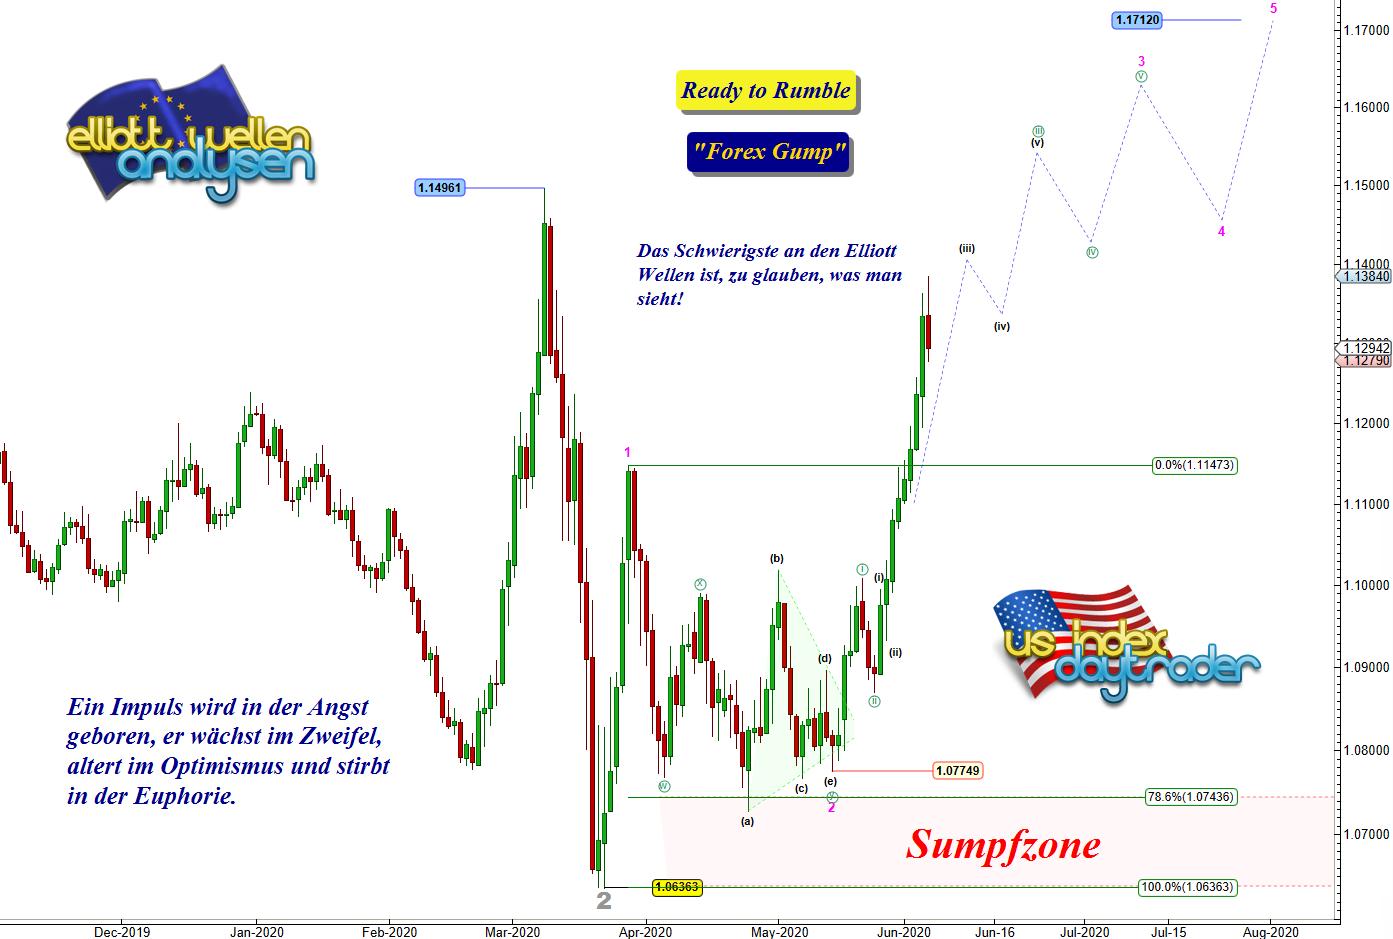 EW-Analyse-EUR-USD-Das-könnte-das-Ende-bedeuten-André-Tiedje-GodmodeTrader.de-1